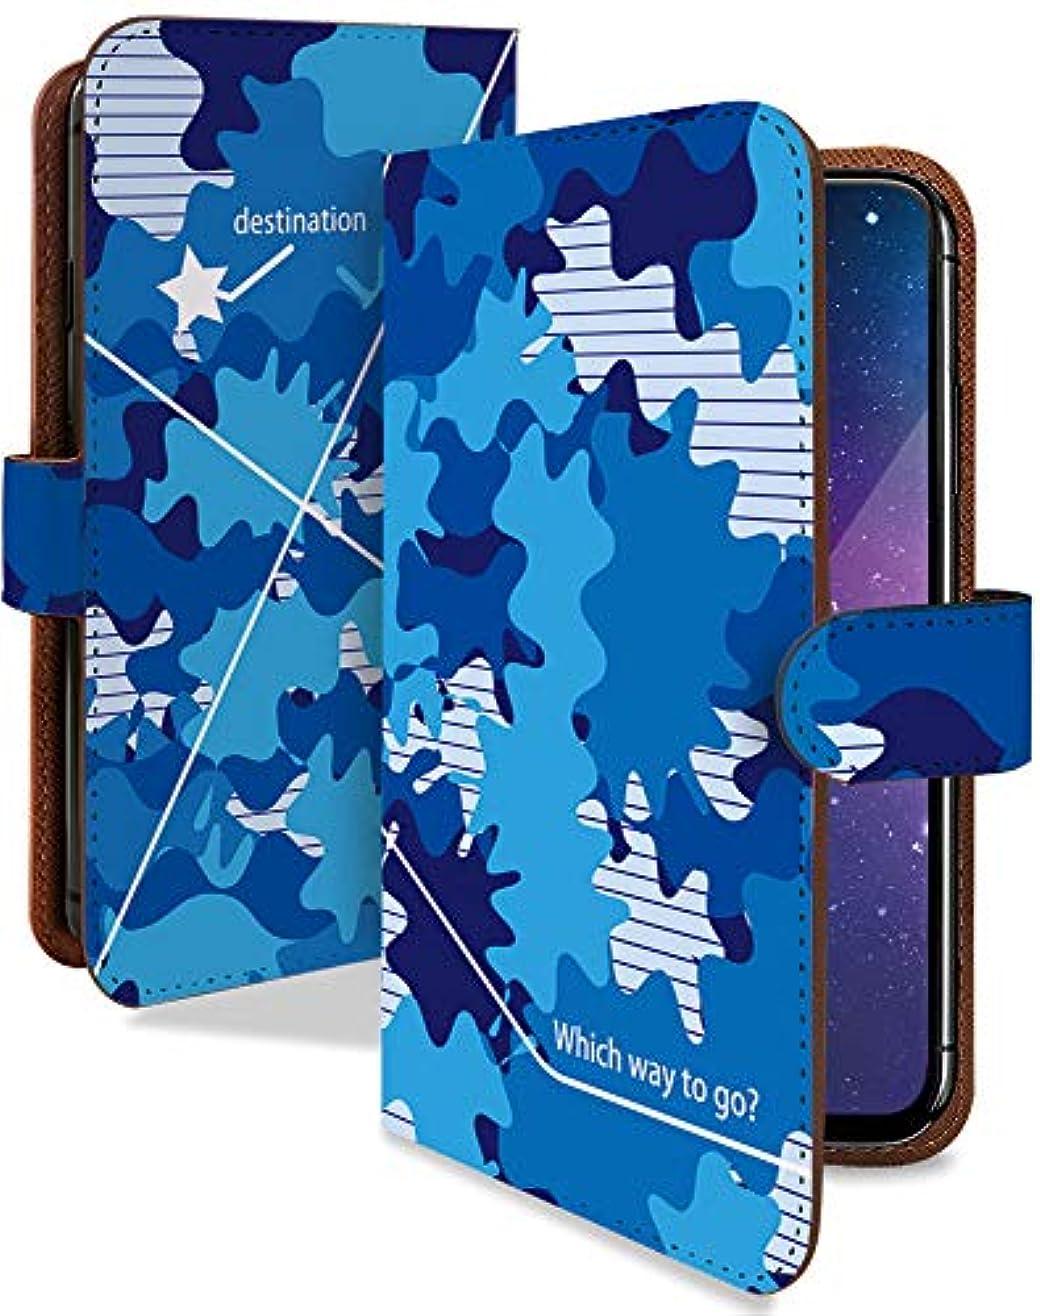 従う打撃マイクロFREETEL REI2 Dual ケース 手帳型 携帯ケース 迷彩 ポップ 青 カモフラ 青 おしゃれ フリーテル レイ デュアル スマホケース 生地 テキスタイル カメラレンズ全面保護 カード収納付き t0681-00404